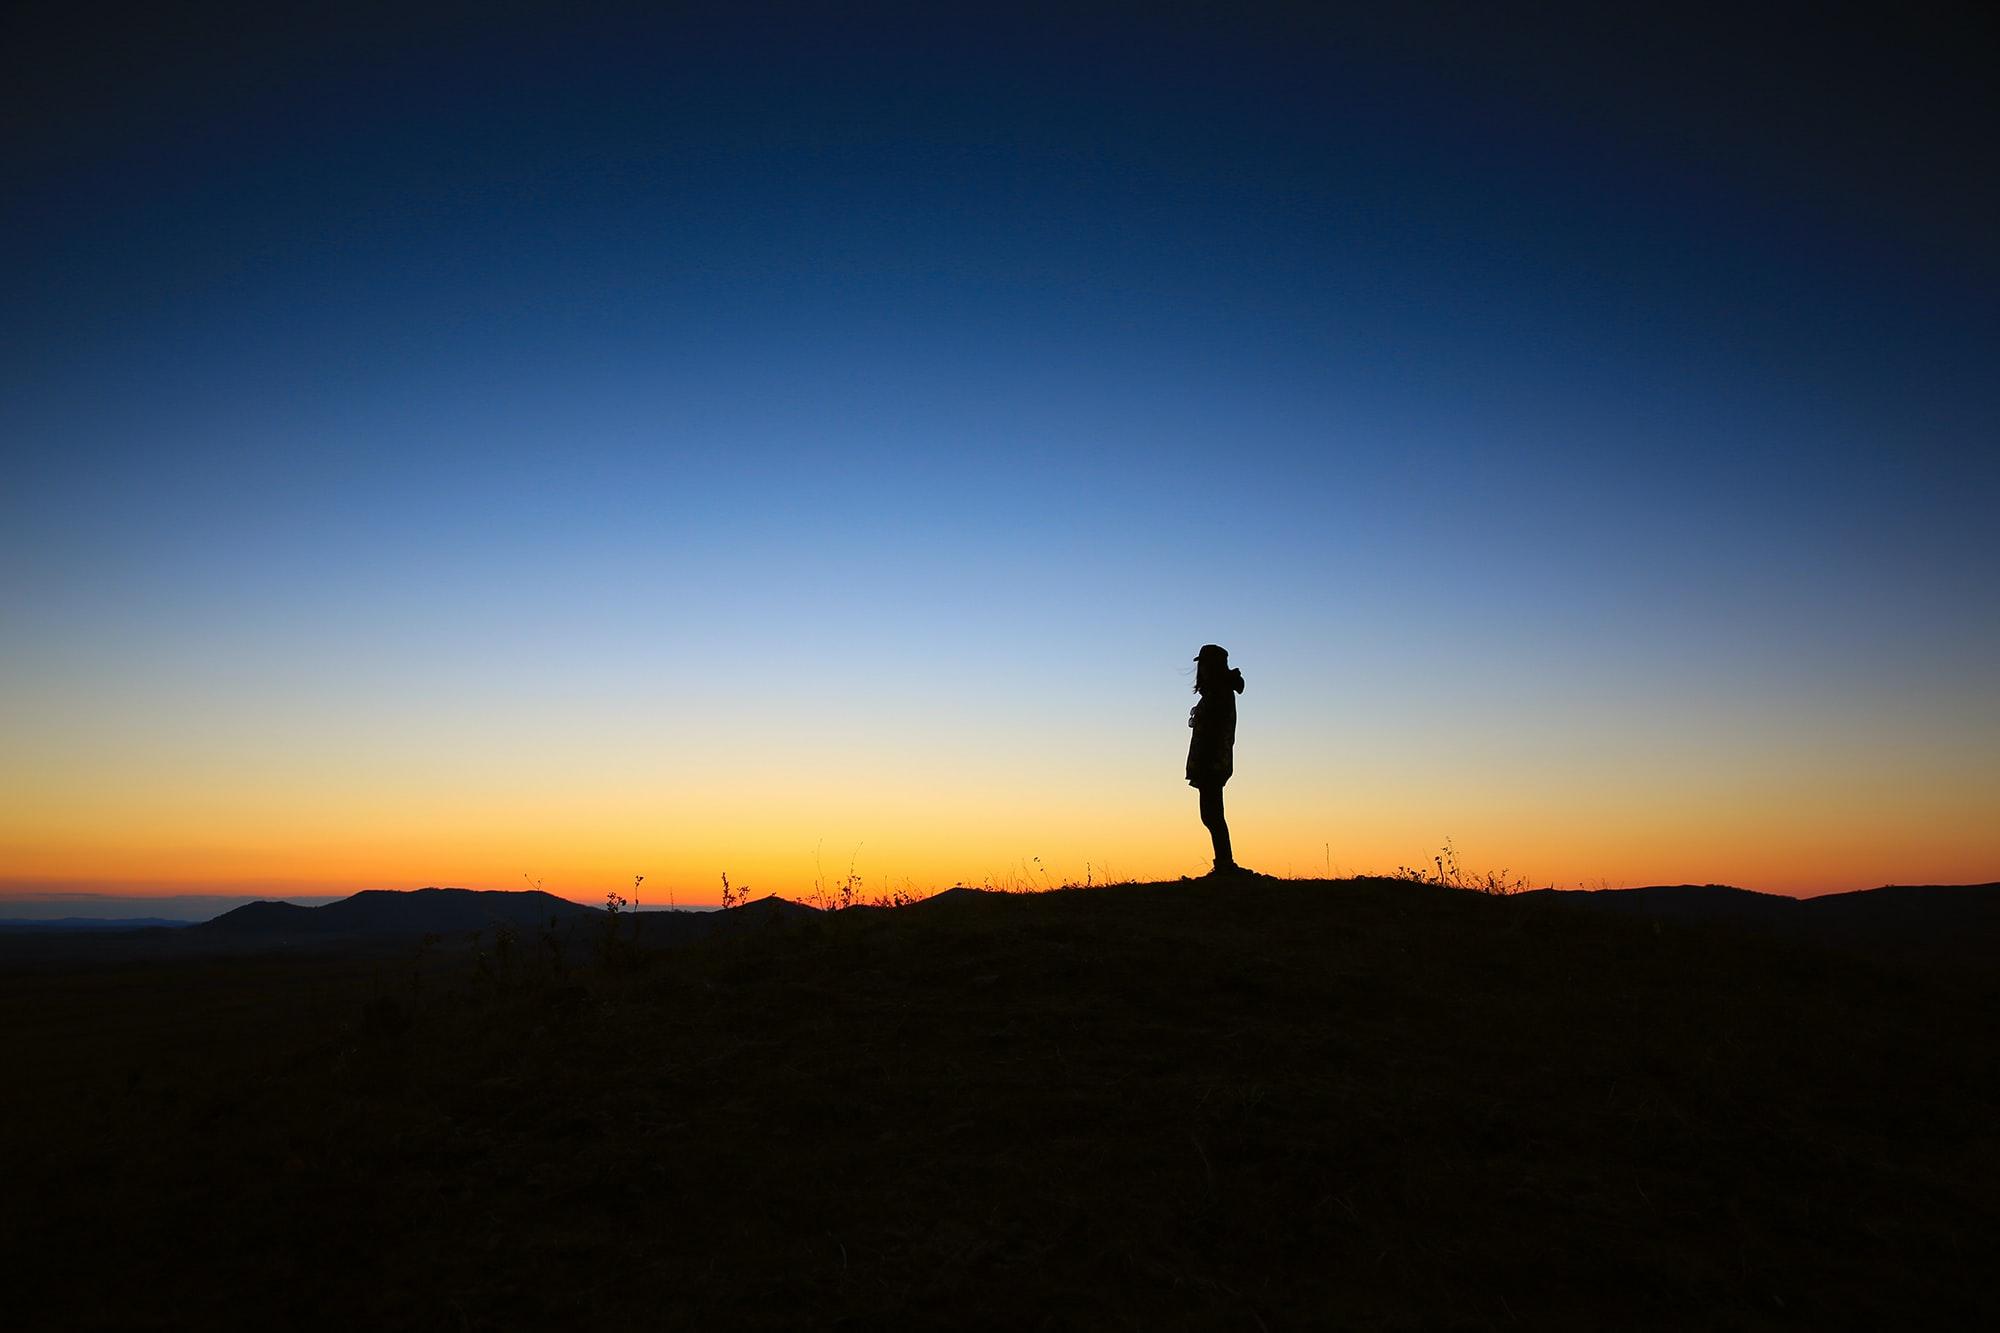 silhouette :: lee scott